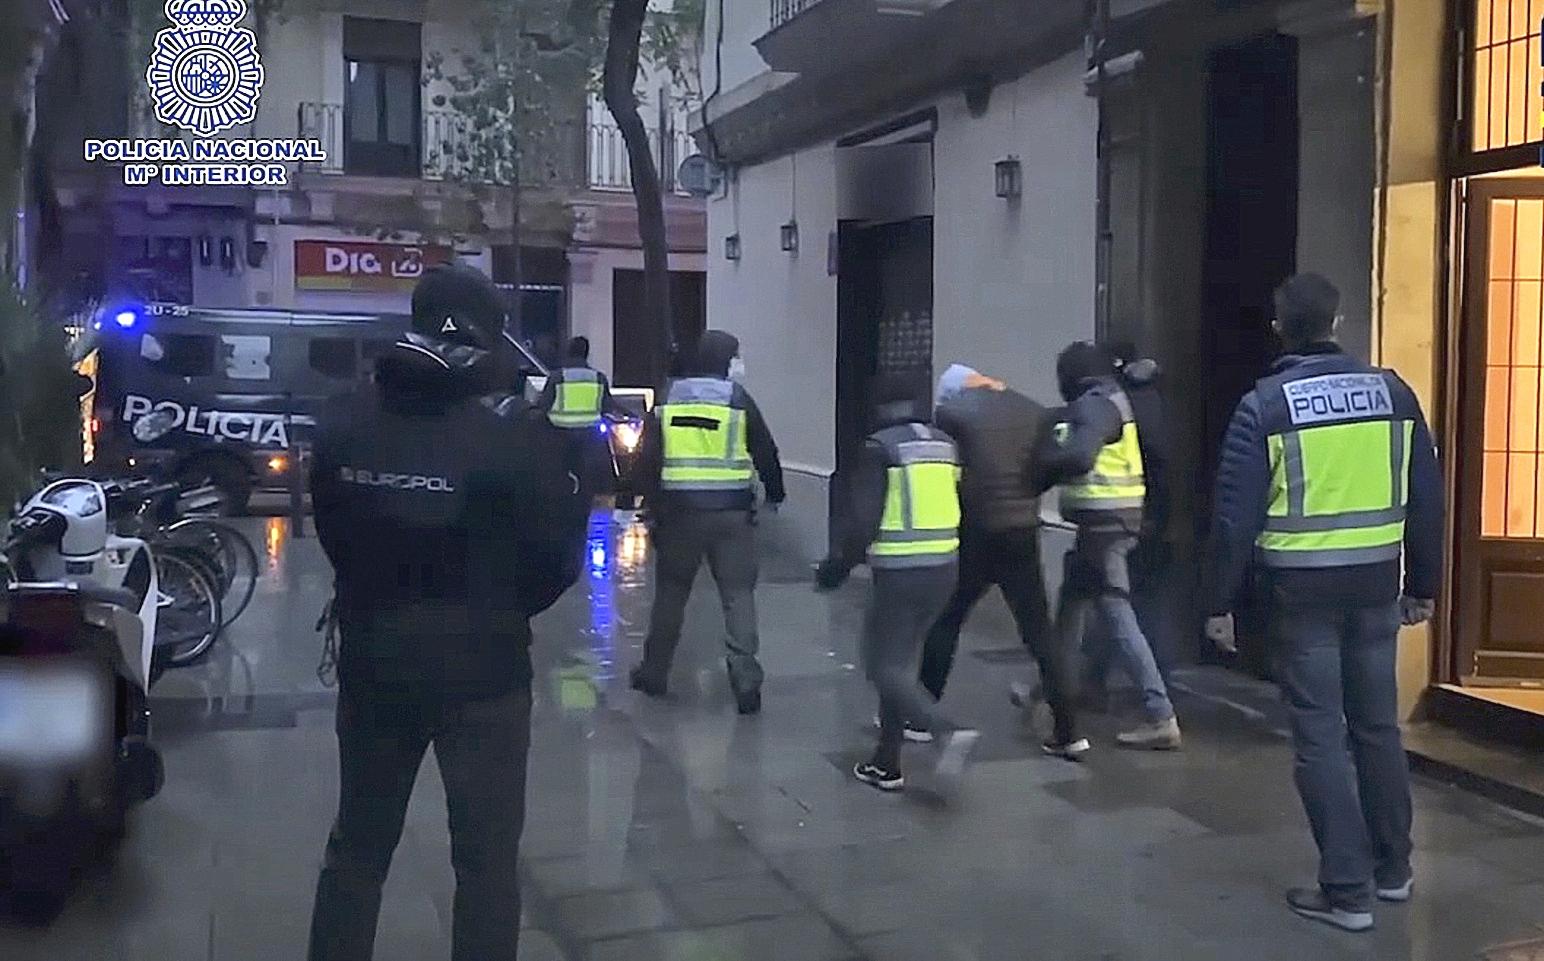 Agentes de la Policía Nacional detienen a un presunto yihadista el pasado mes de enero.